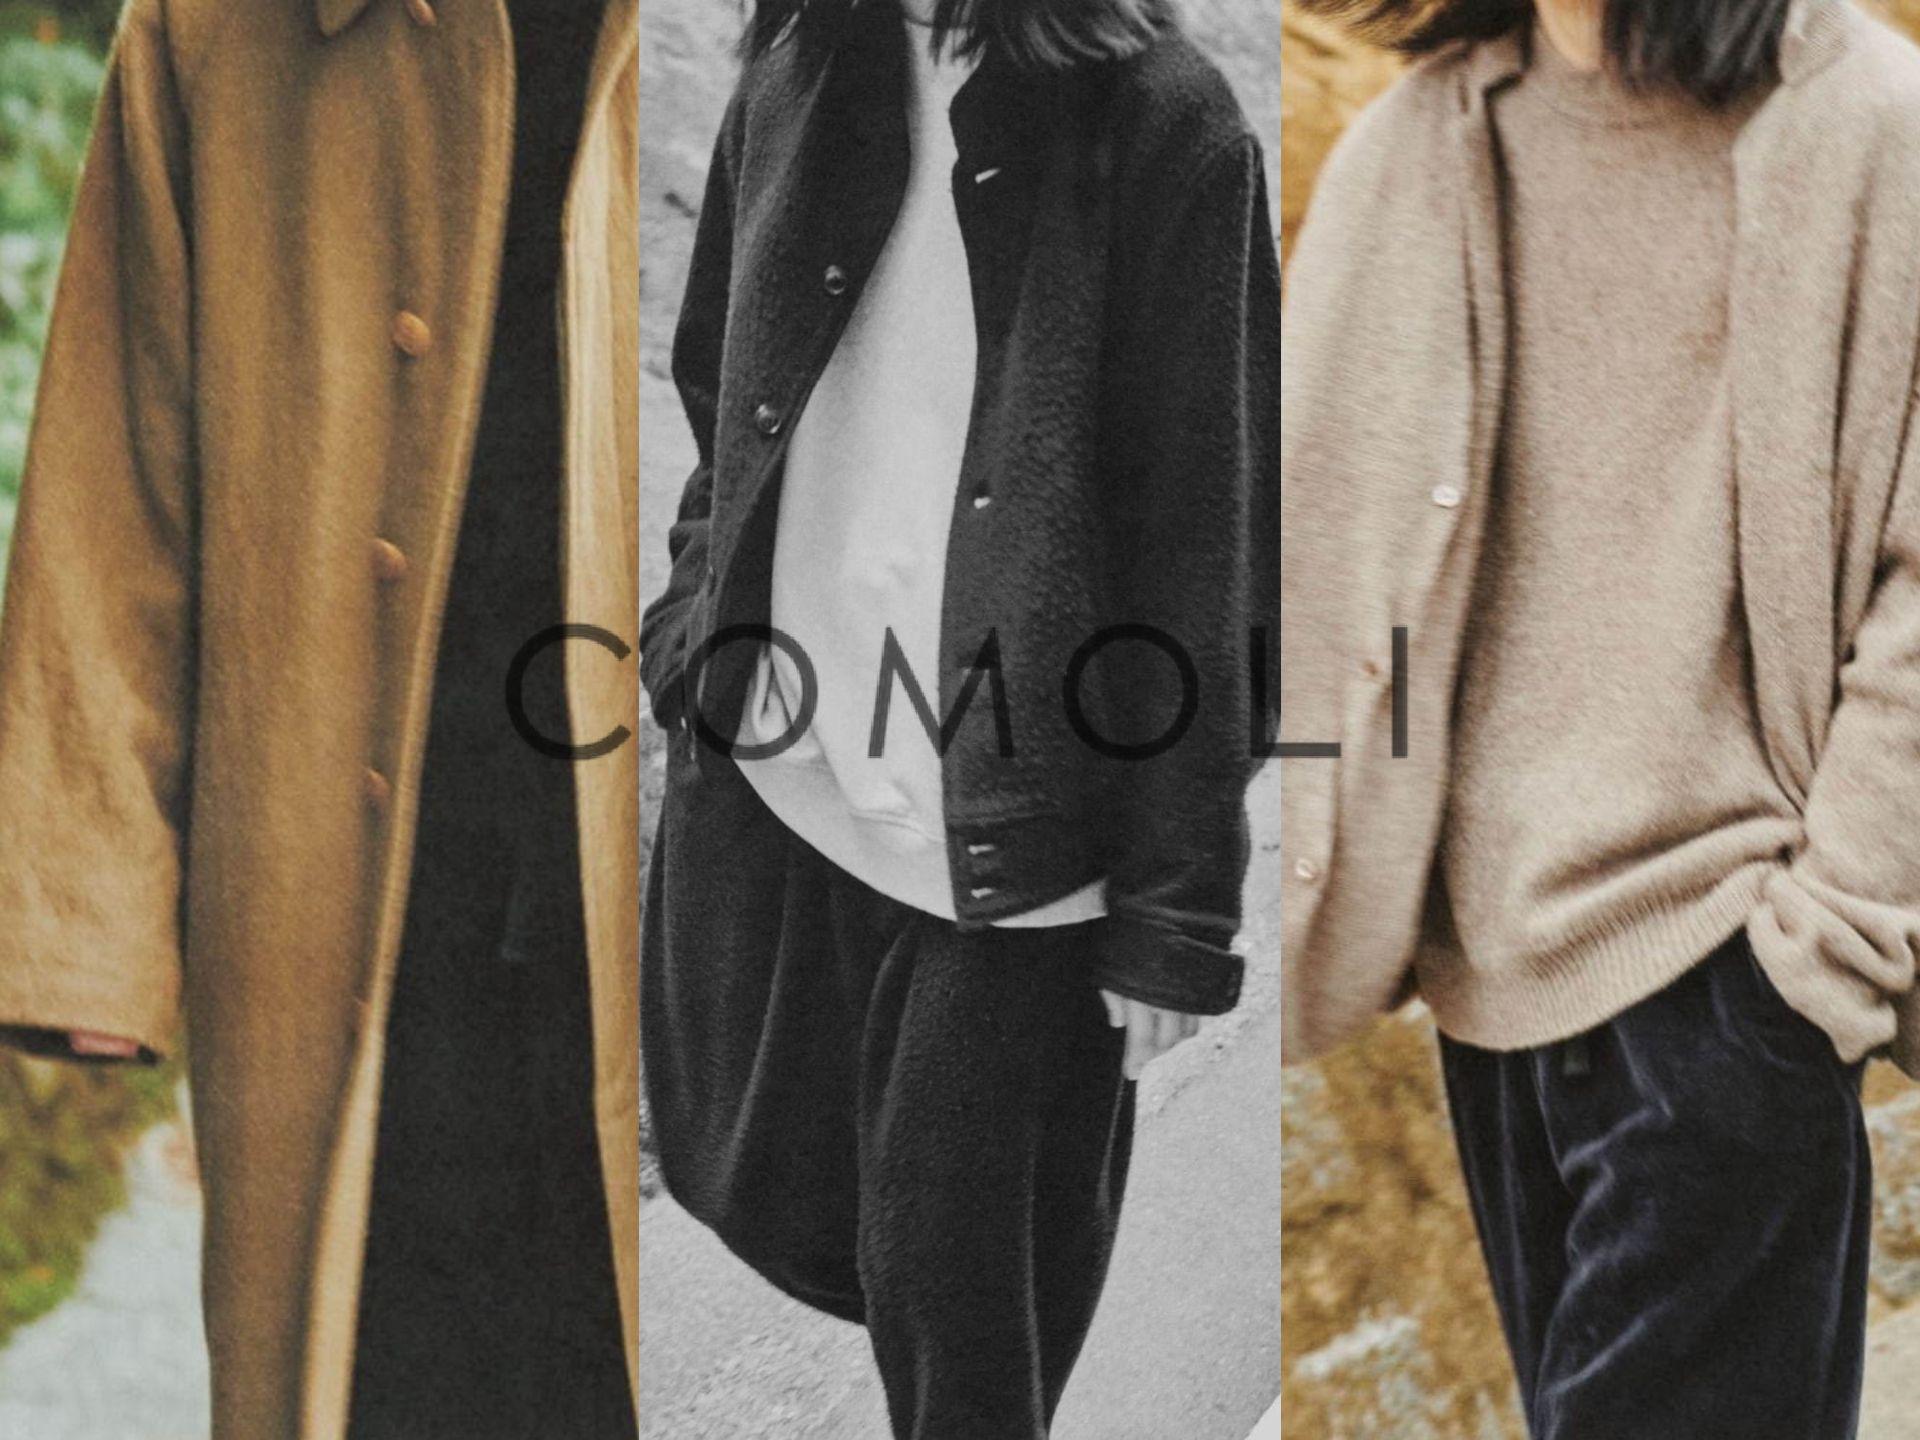 COMOLI(コモリ)